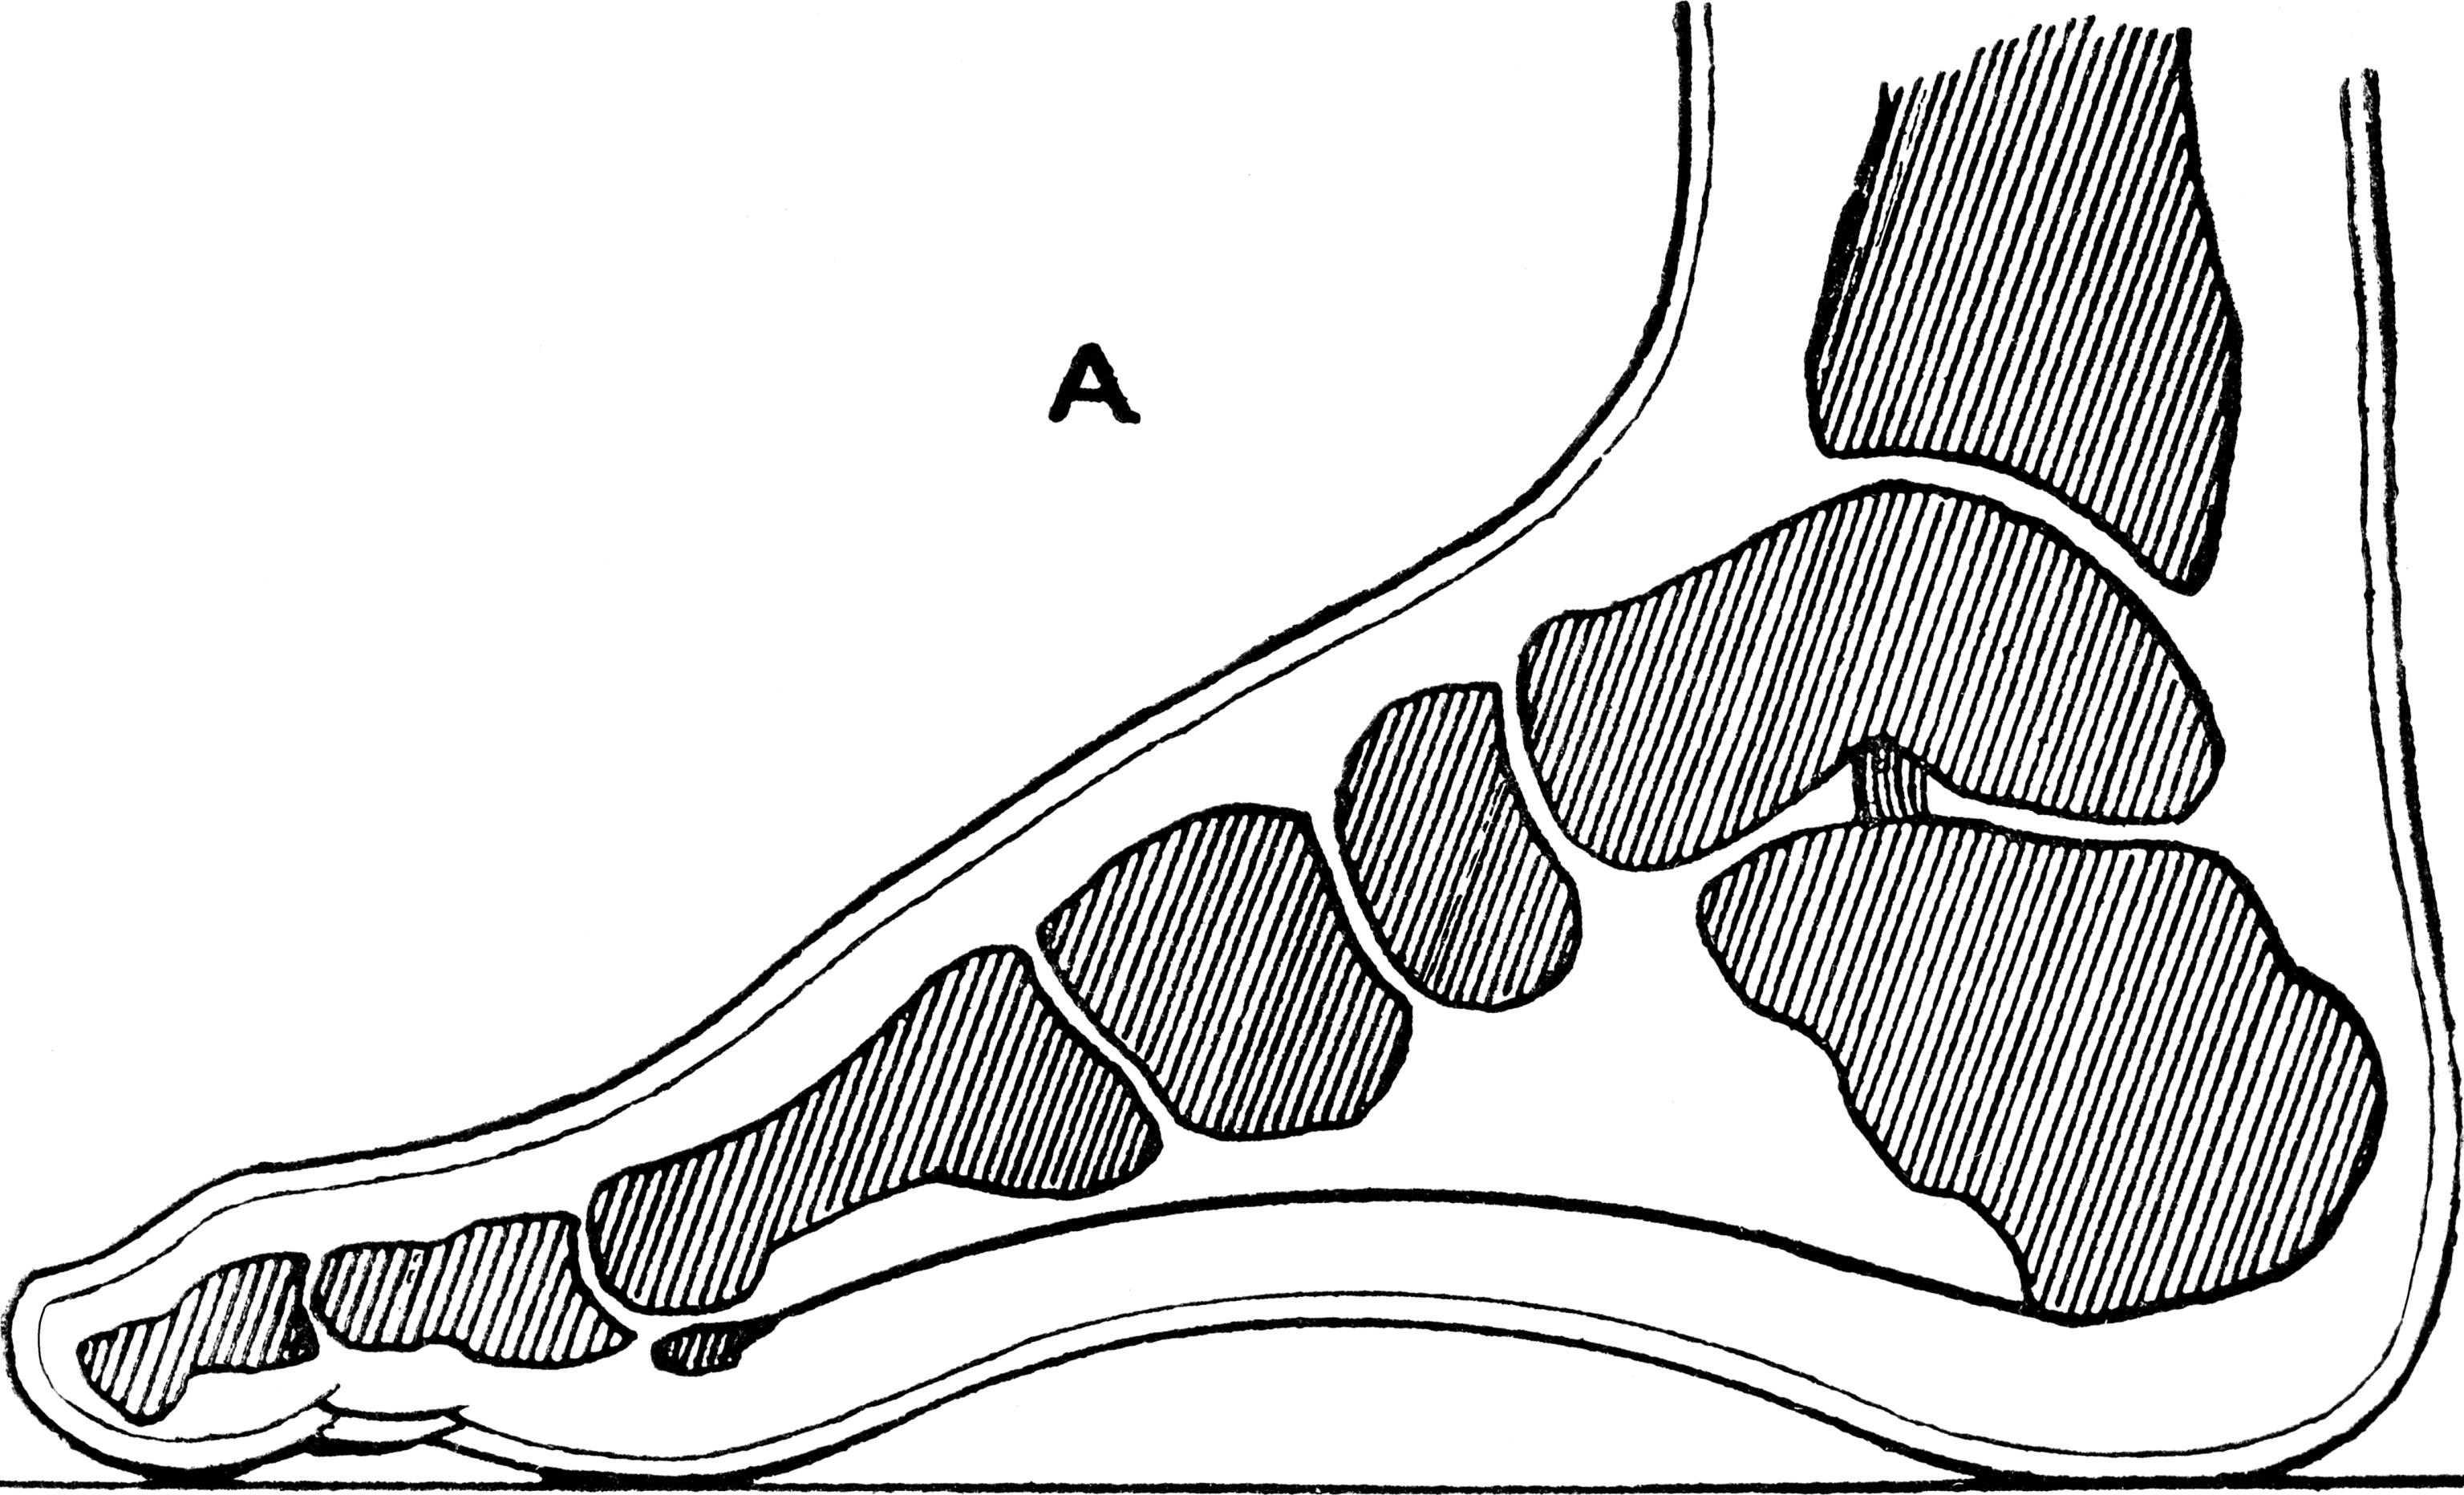 Heel anatomy